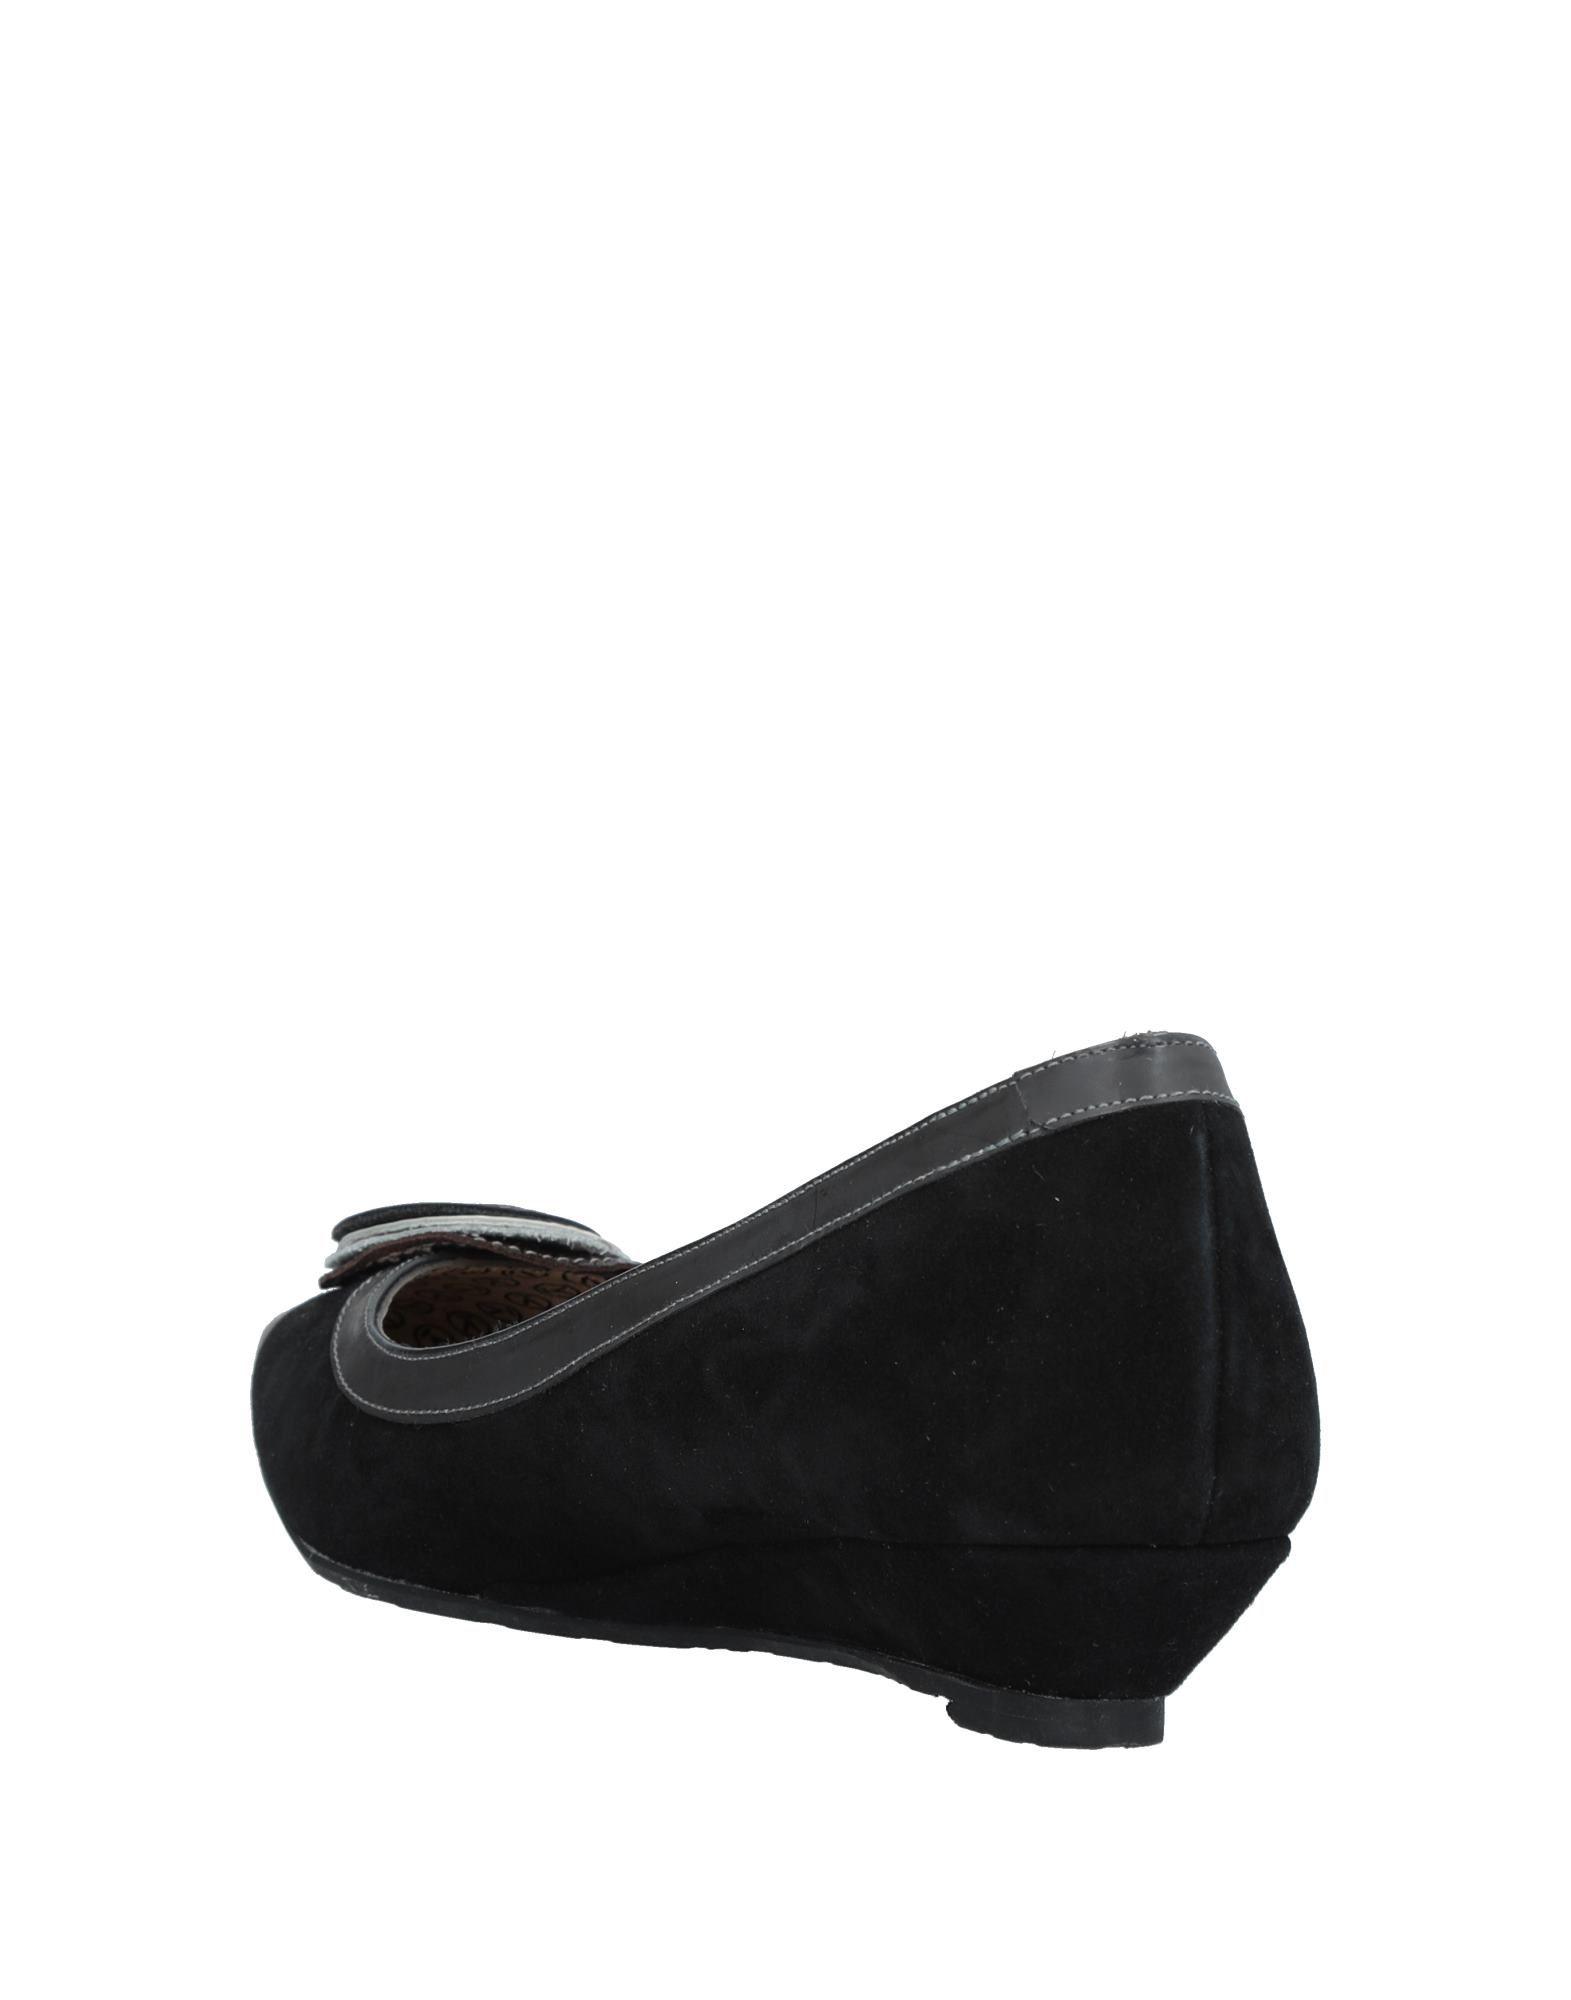 Stilvolle Damen billige Schuhe Alima Pumps Damen Stilvolle  11530139VJ 60fcdb